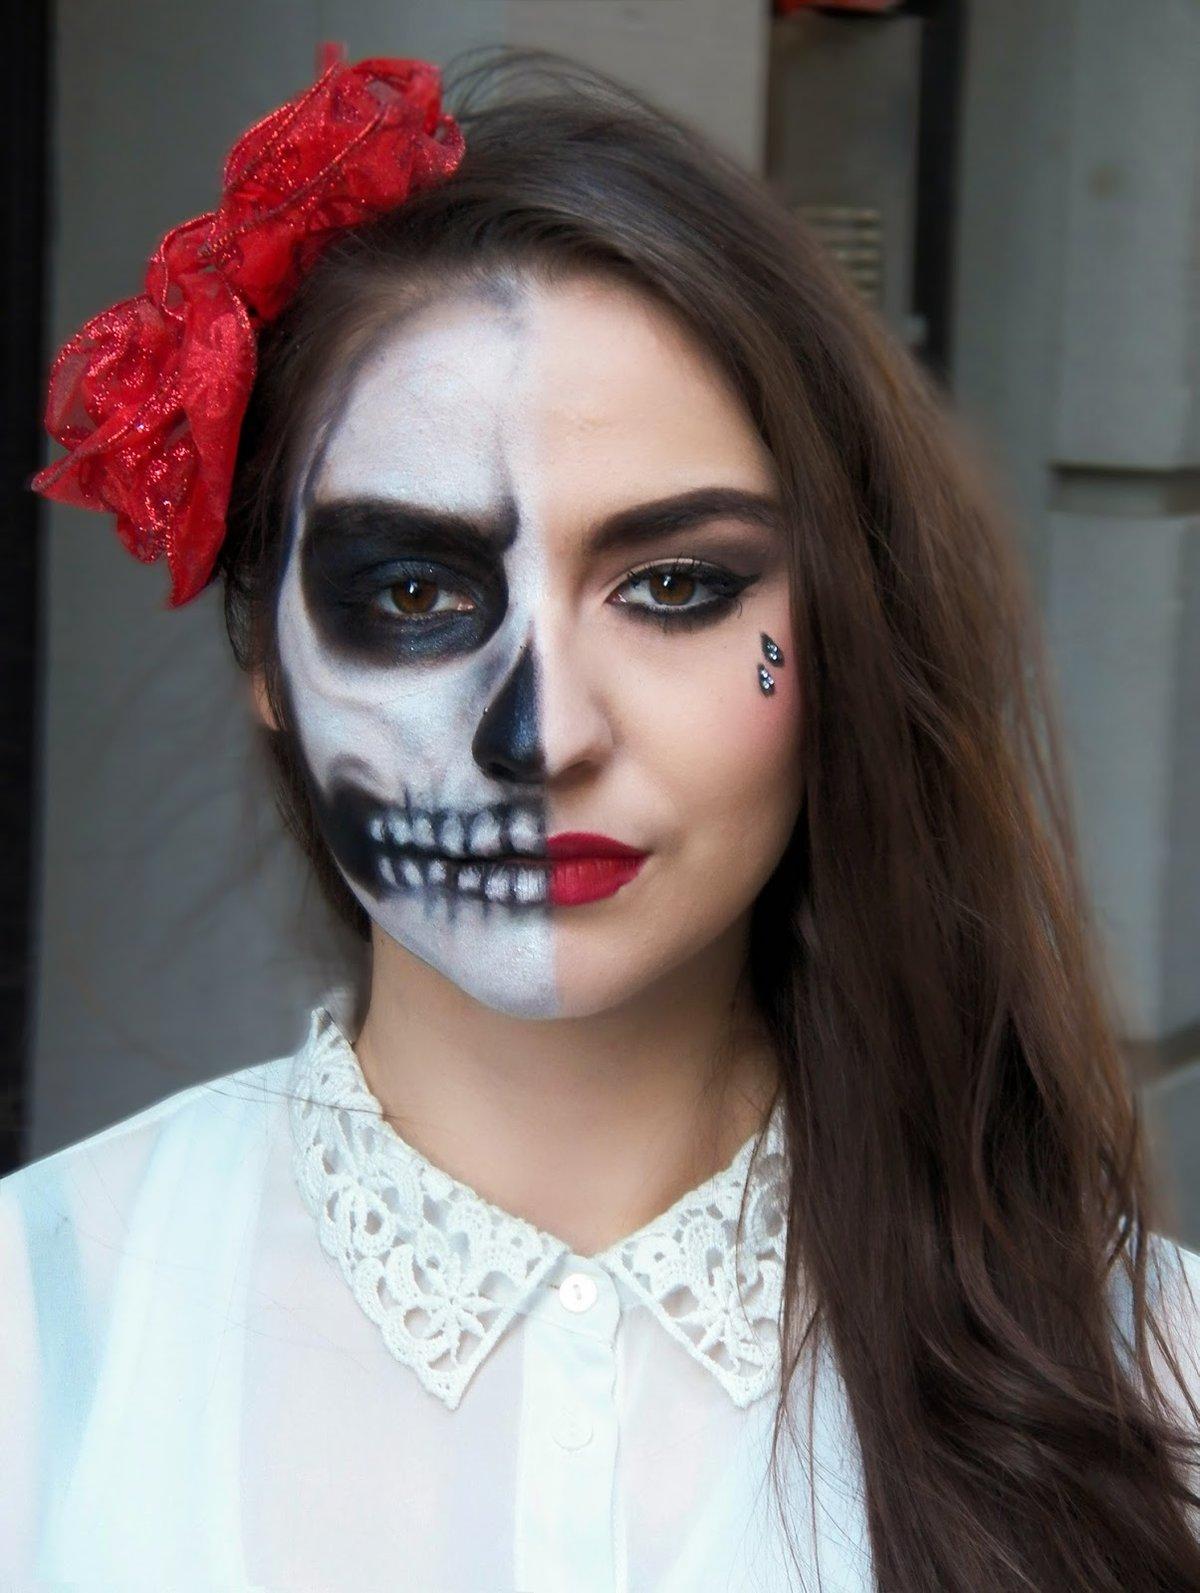 фотки макияжа на хэллоуин необходимо максимально уменьшить